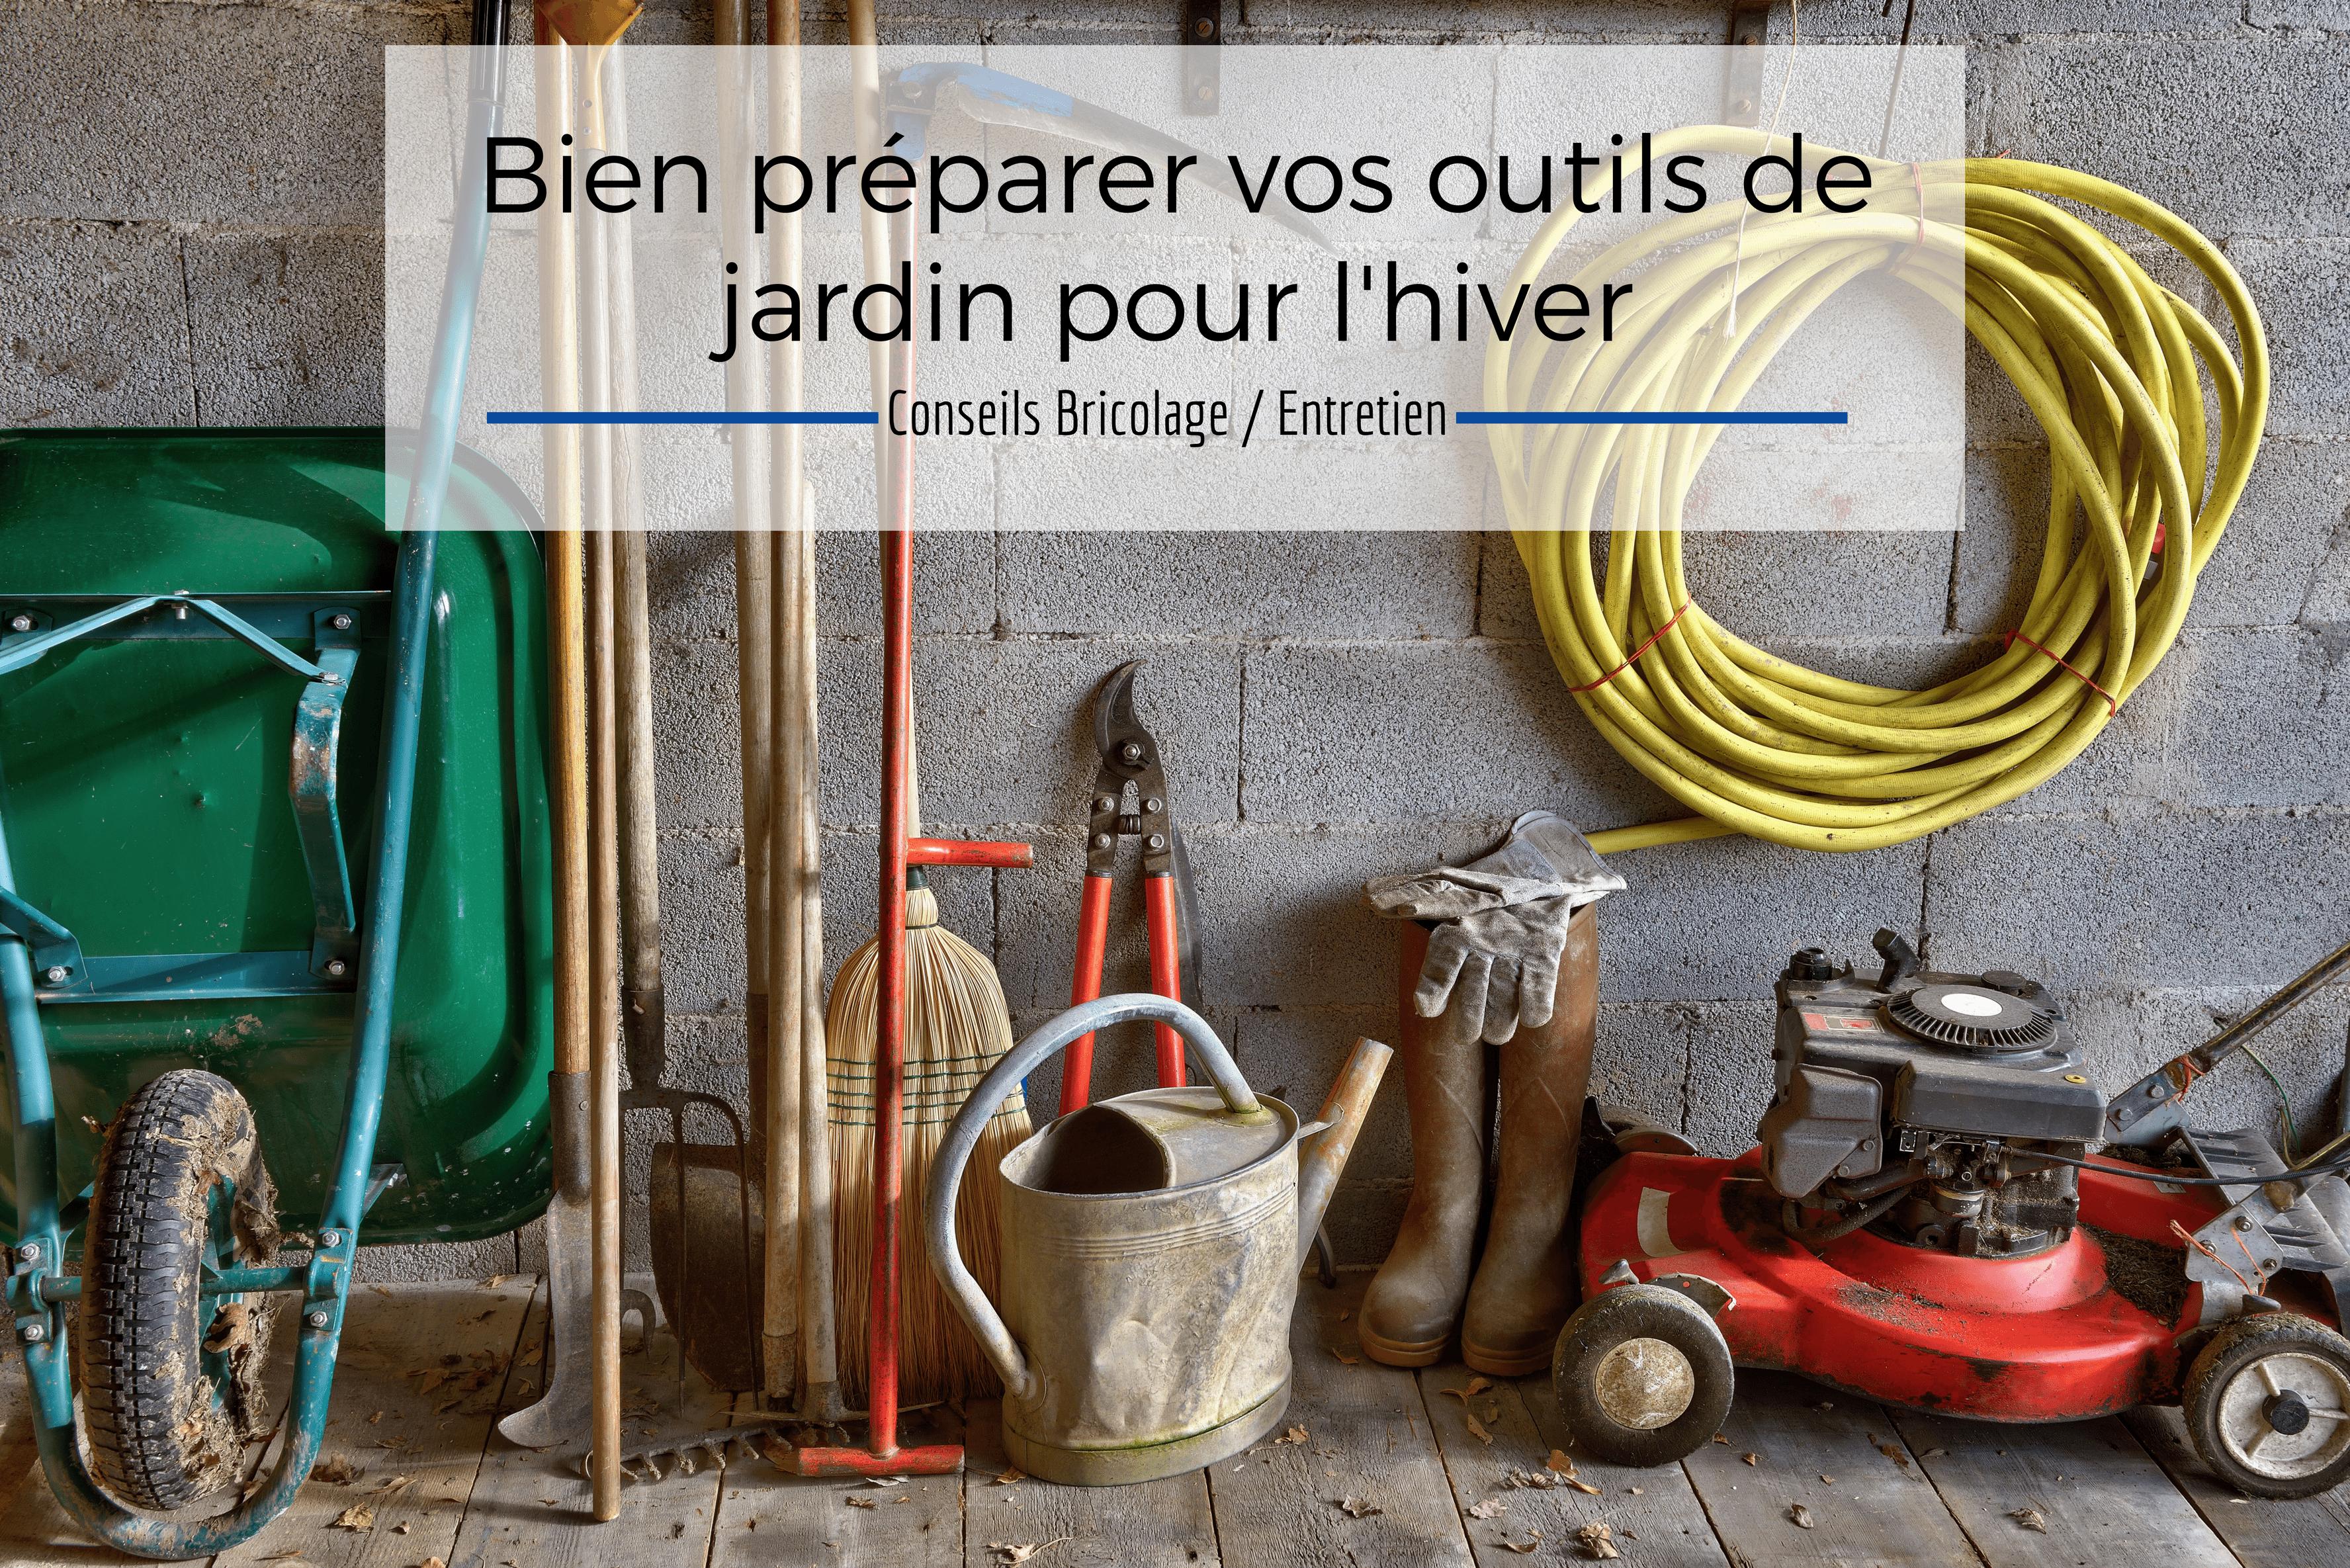 protéger ses outils de jardin, hivernage, jardin, tondeuse, tronçonneuse, débroussailleuse